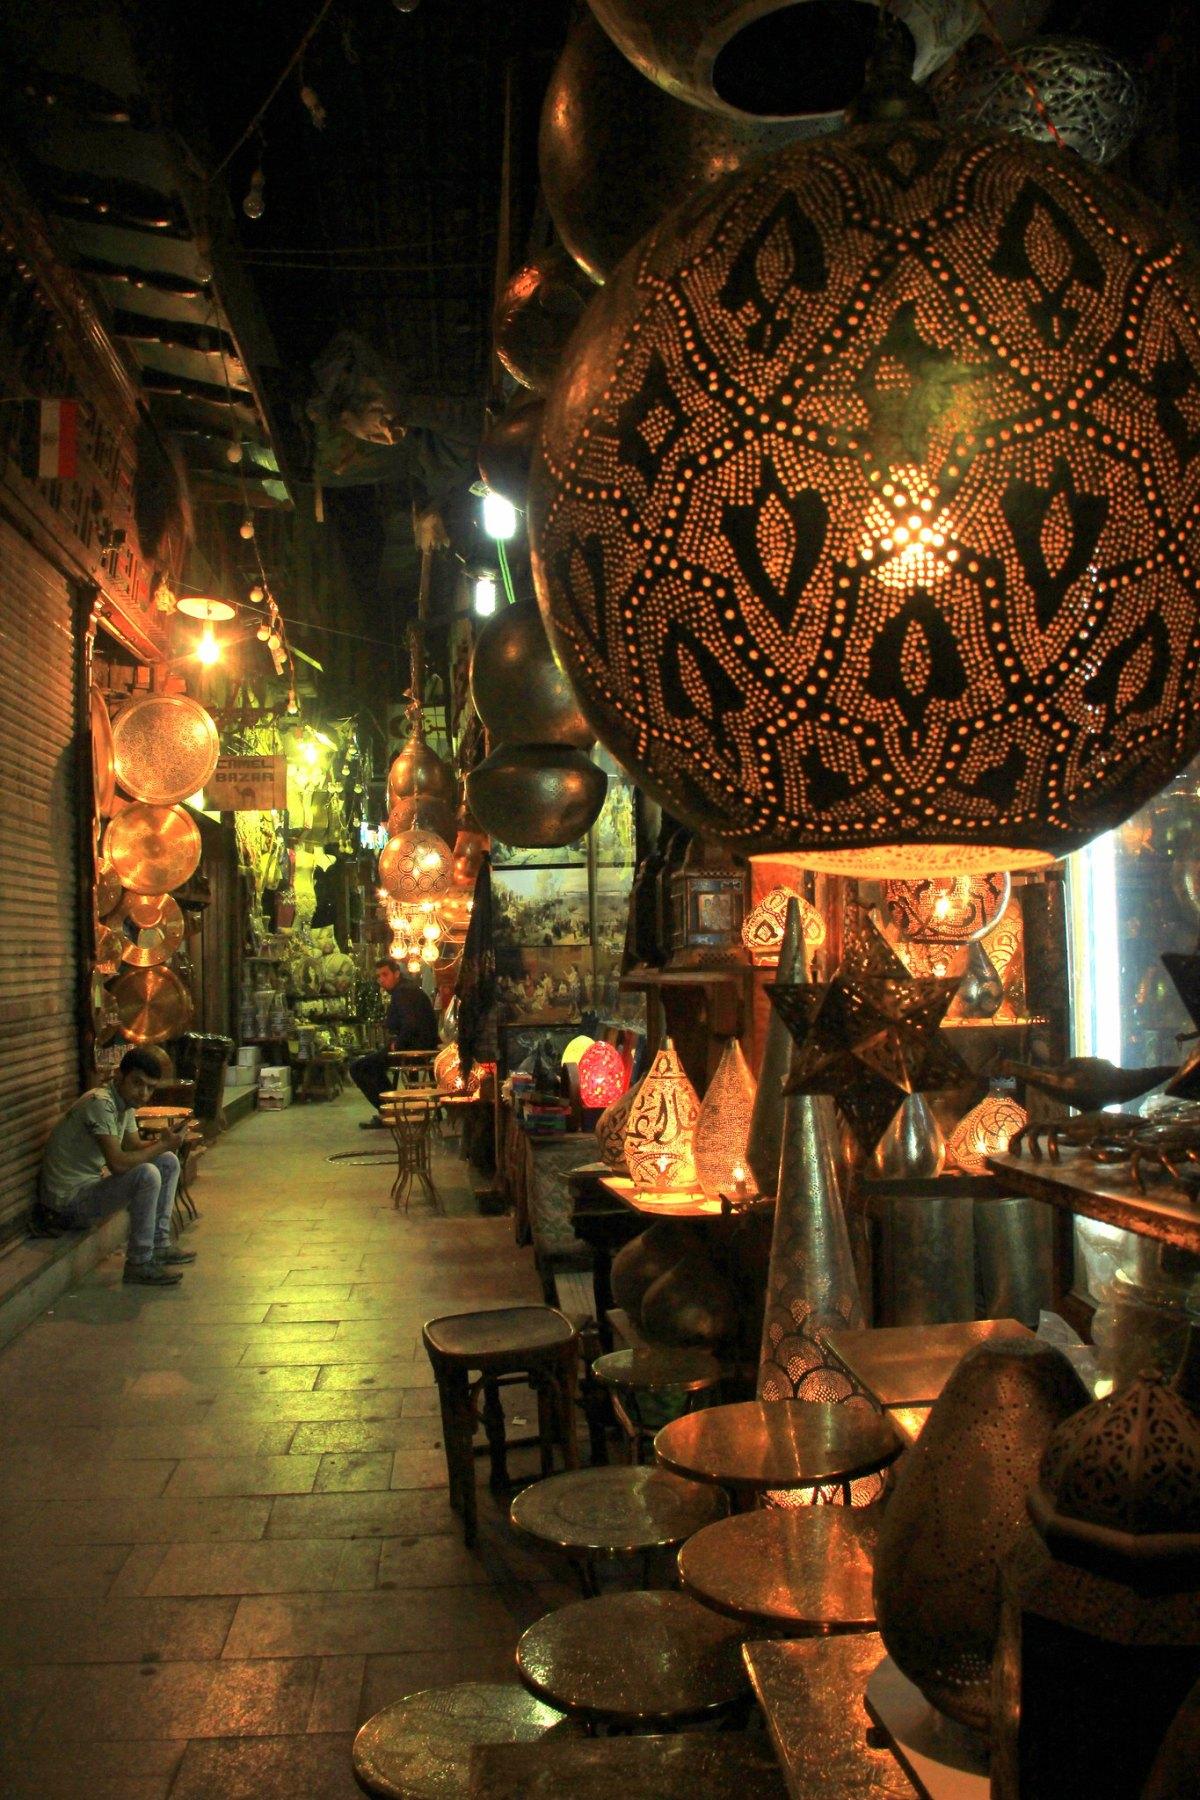 The alleys of khan el khalili market